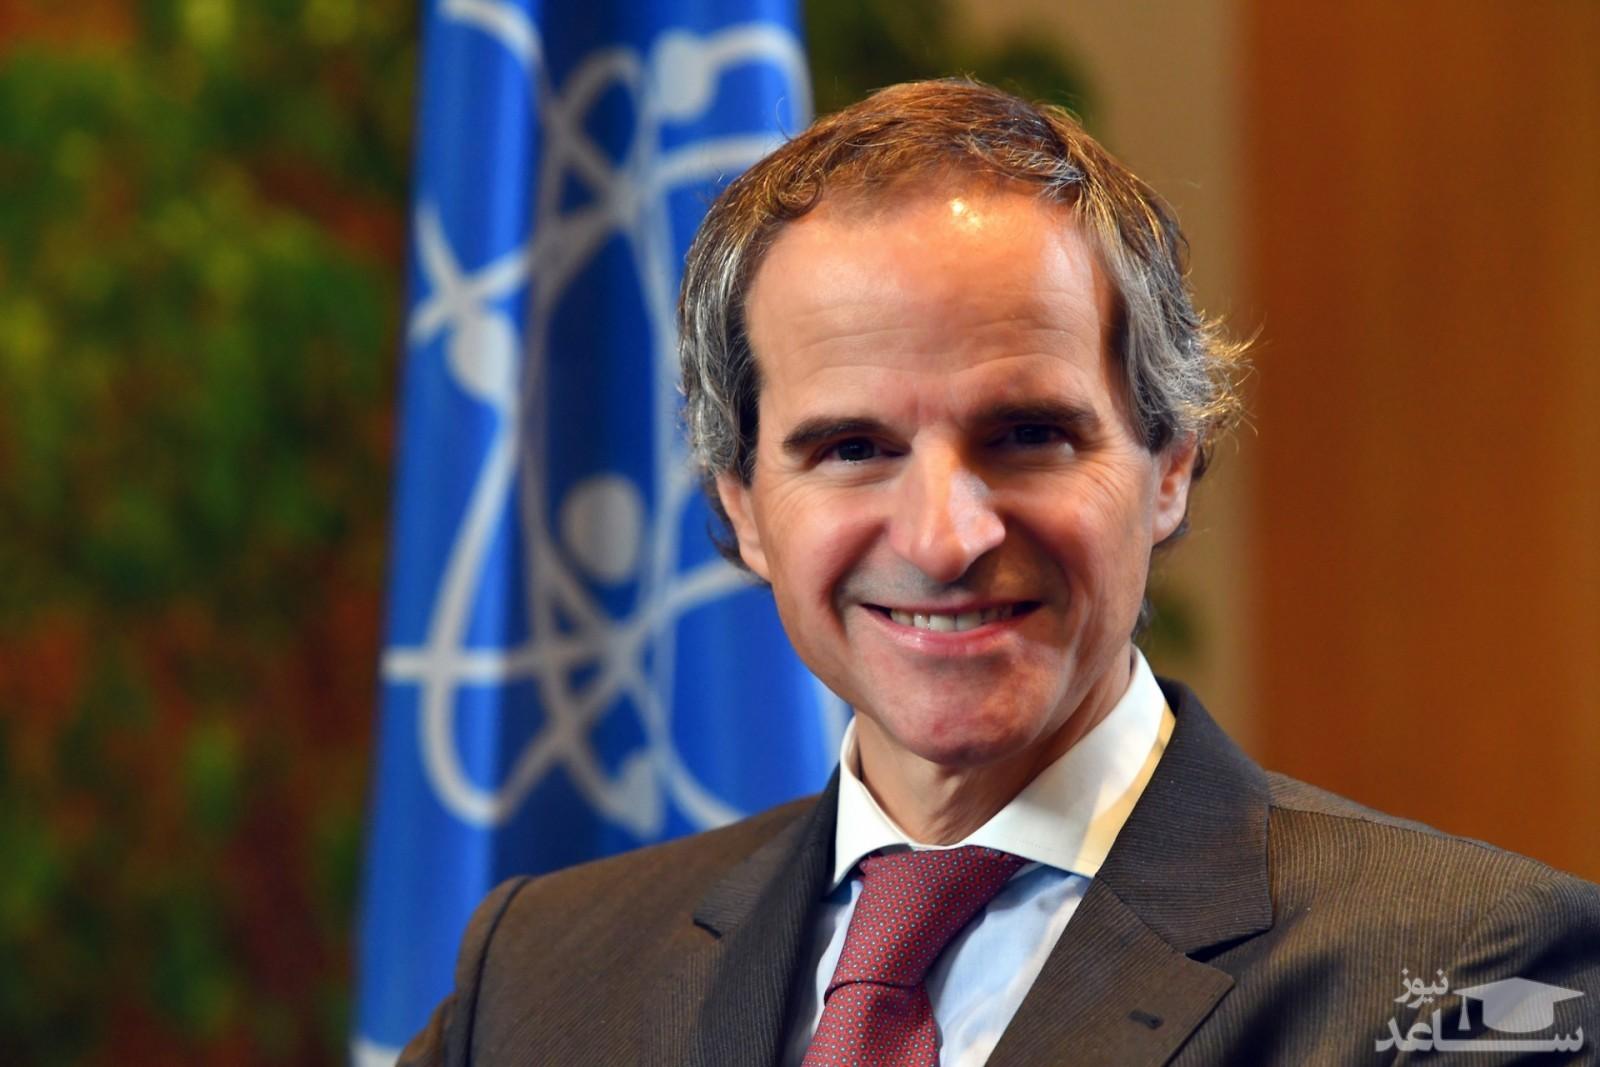 مدیر کل آژانس اتمی: ایران اجازه دسترسی به دو مکان را نمیدهد